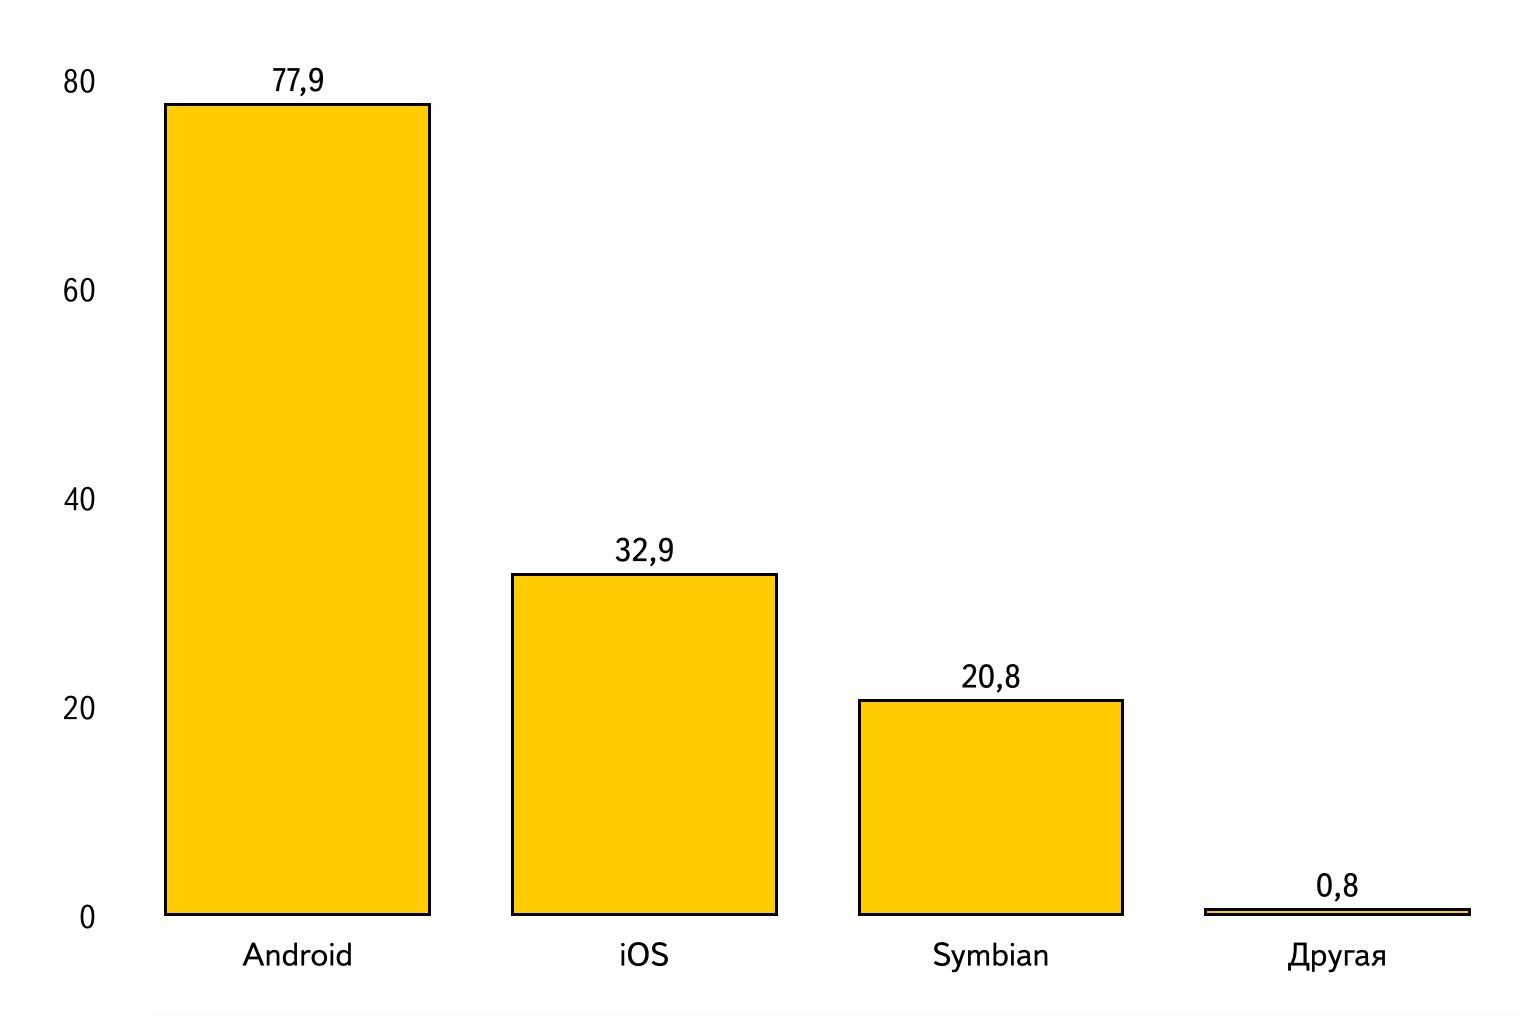 Диаграмма по данным таблицы 5